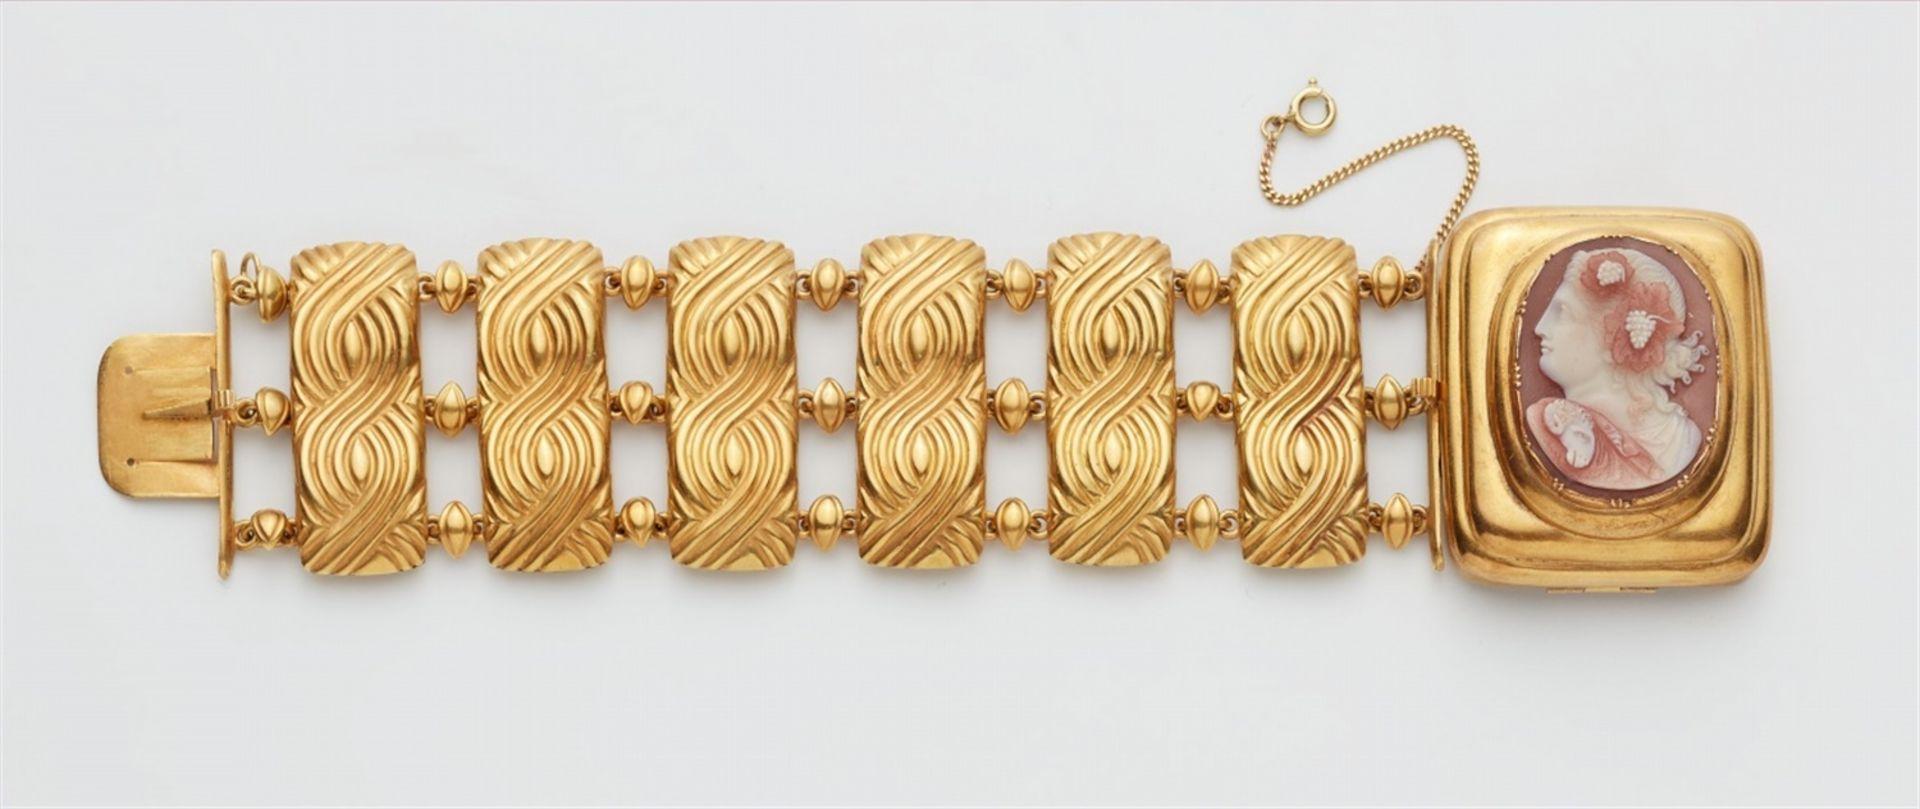 Armband mit Kameenschließe - Bild 4 aus 4